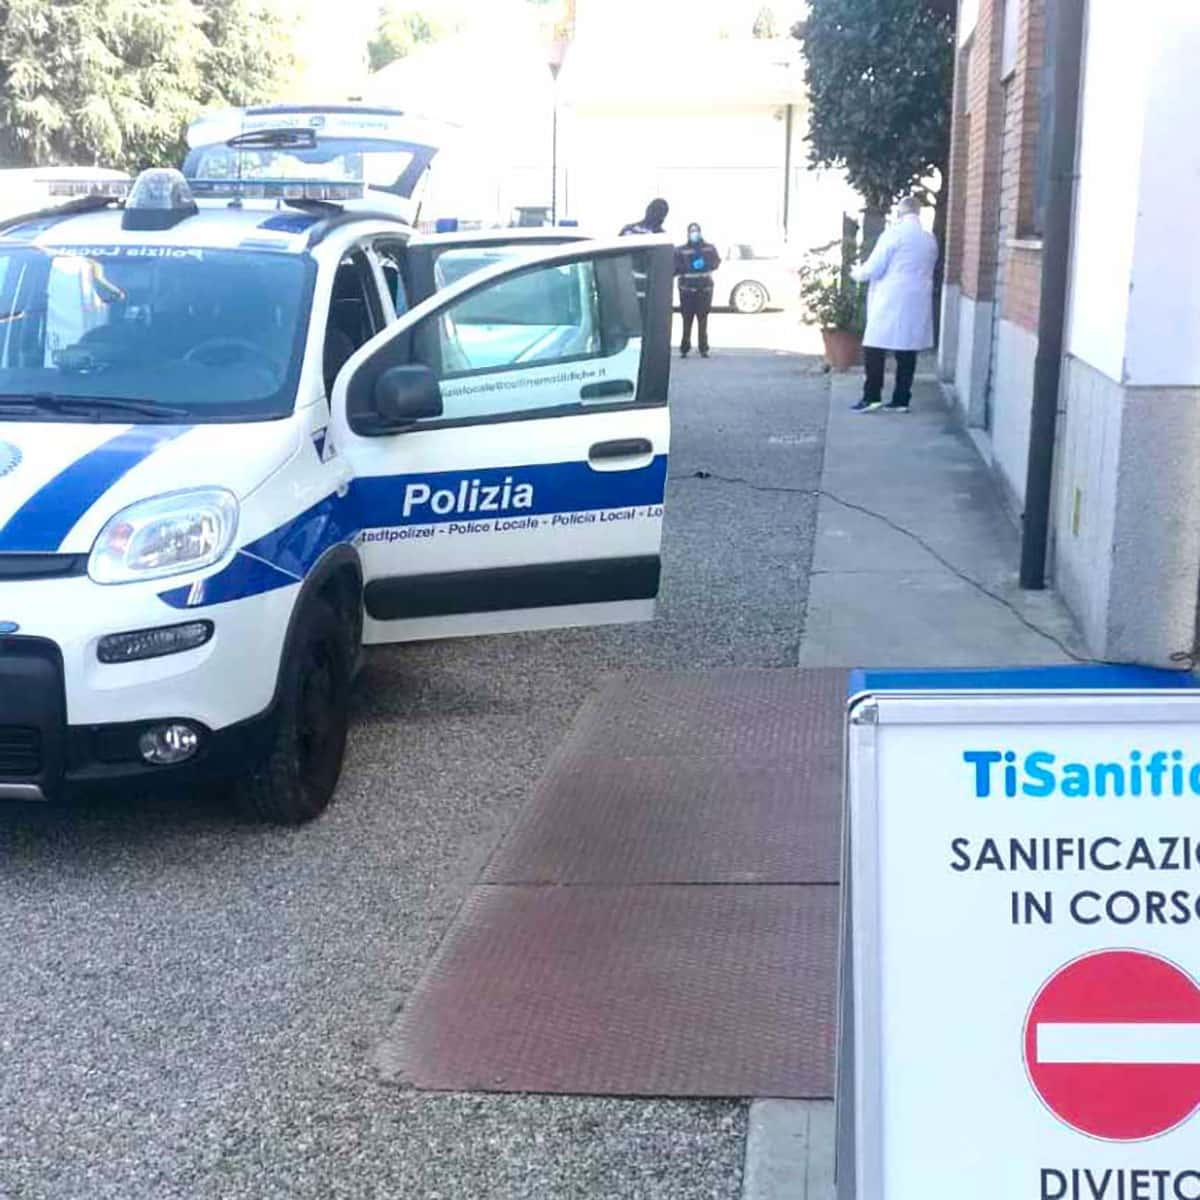 TiSanifico-Polizia-Municipale